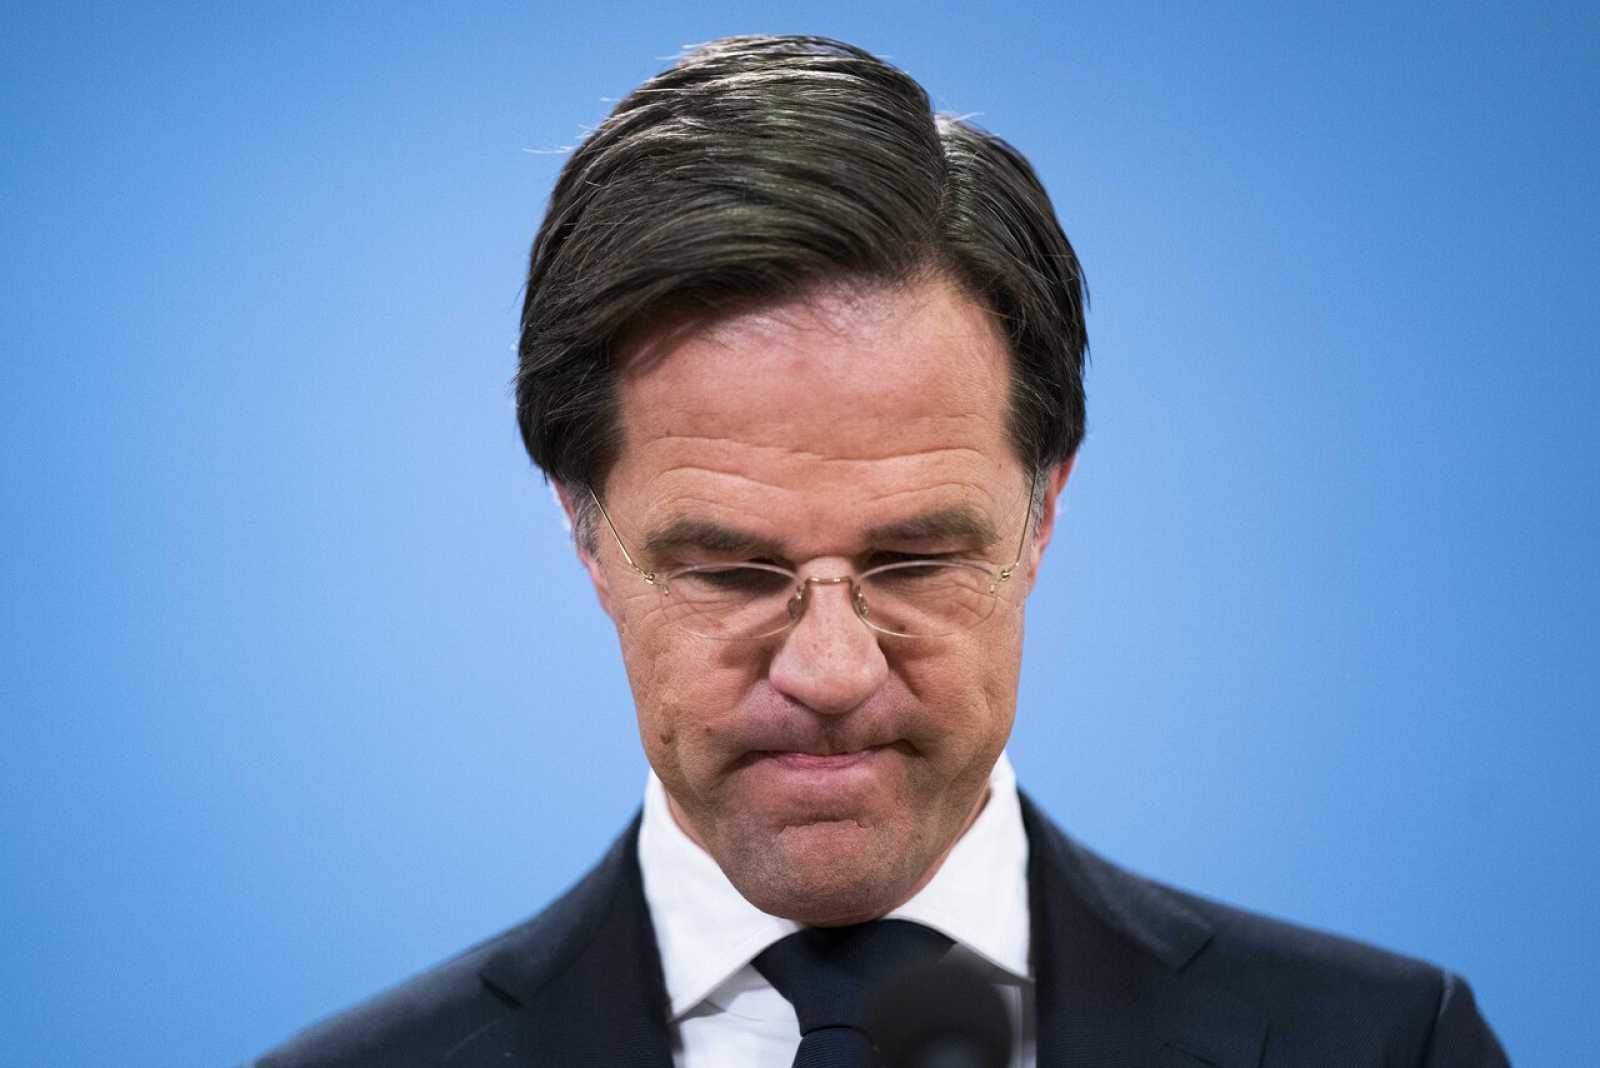 Dimite en bloque el gobierno holandés por un escándalo sobre ayudas a familias de inmigrantes